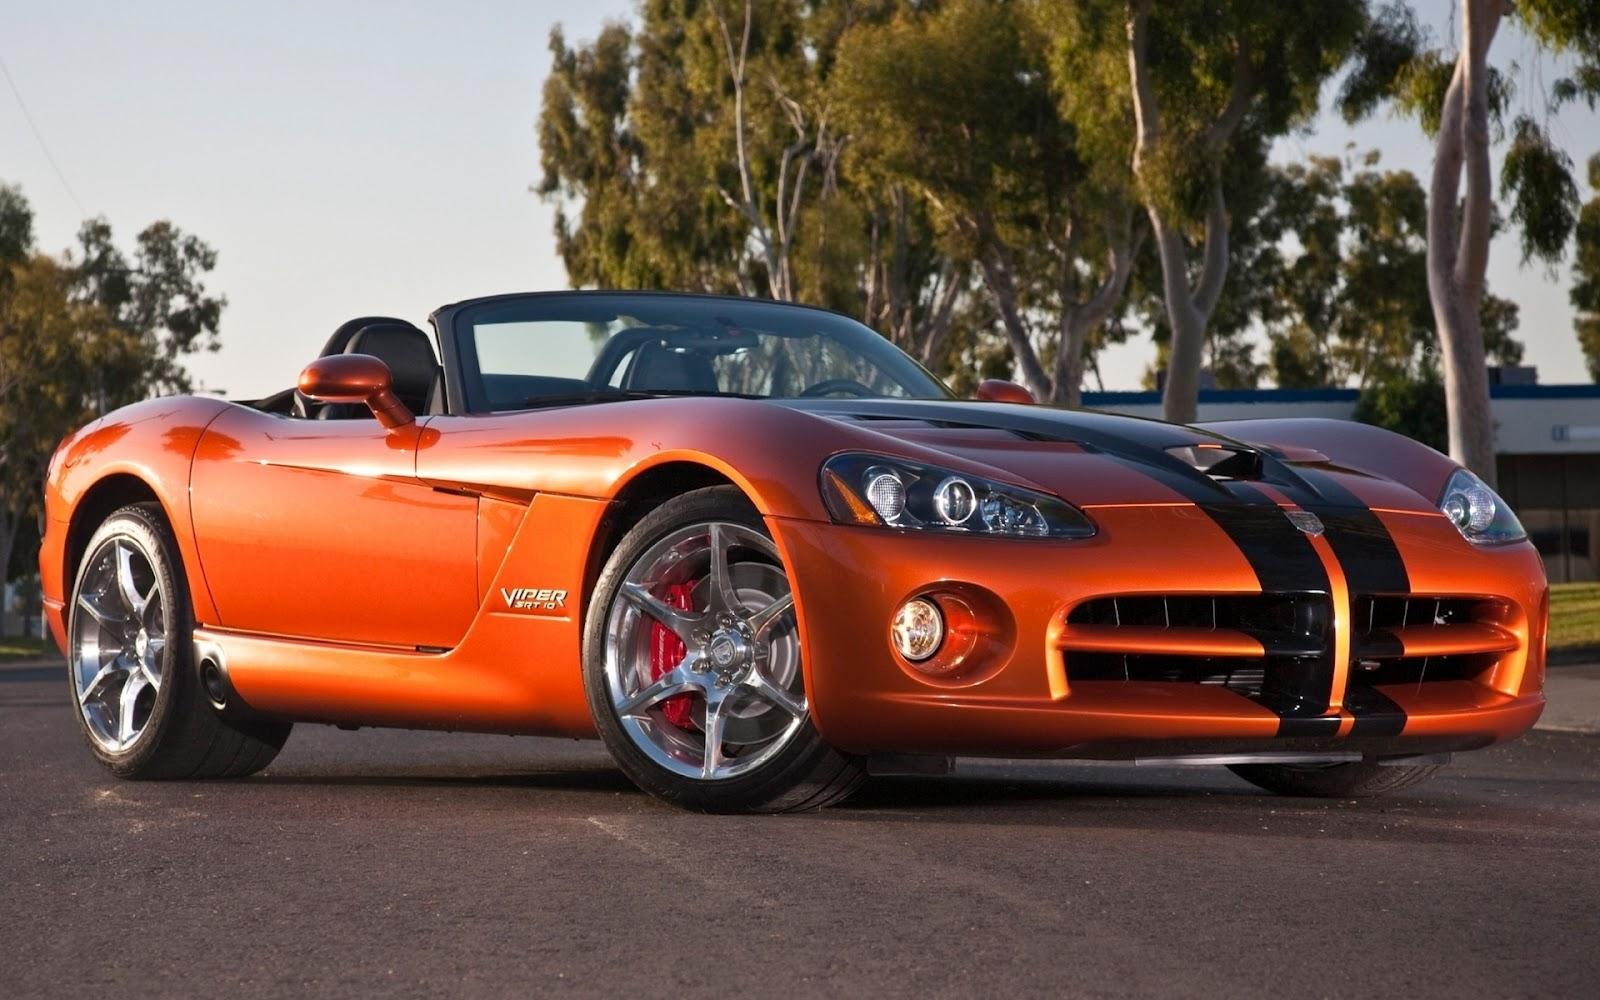 Fondos HD del Dodge Viper SRT-10 Roadster Convertible